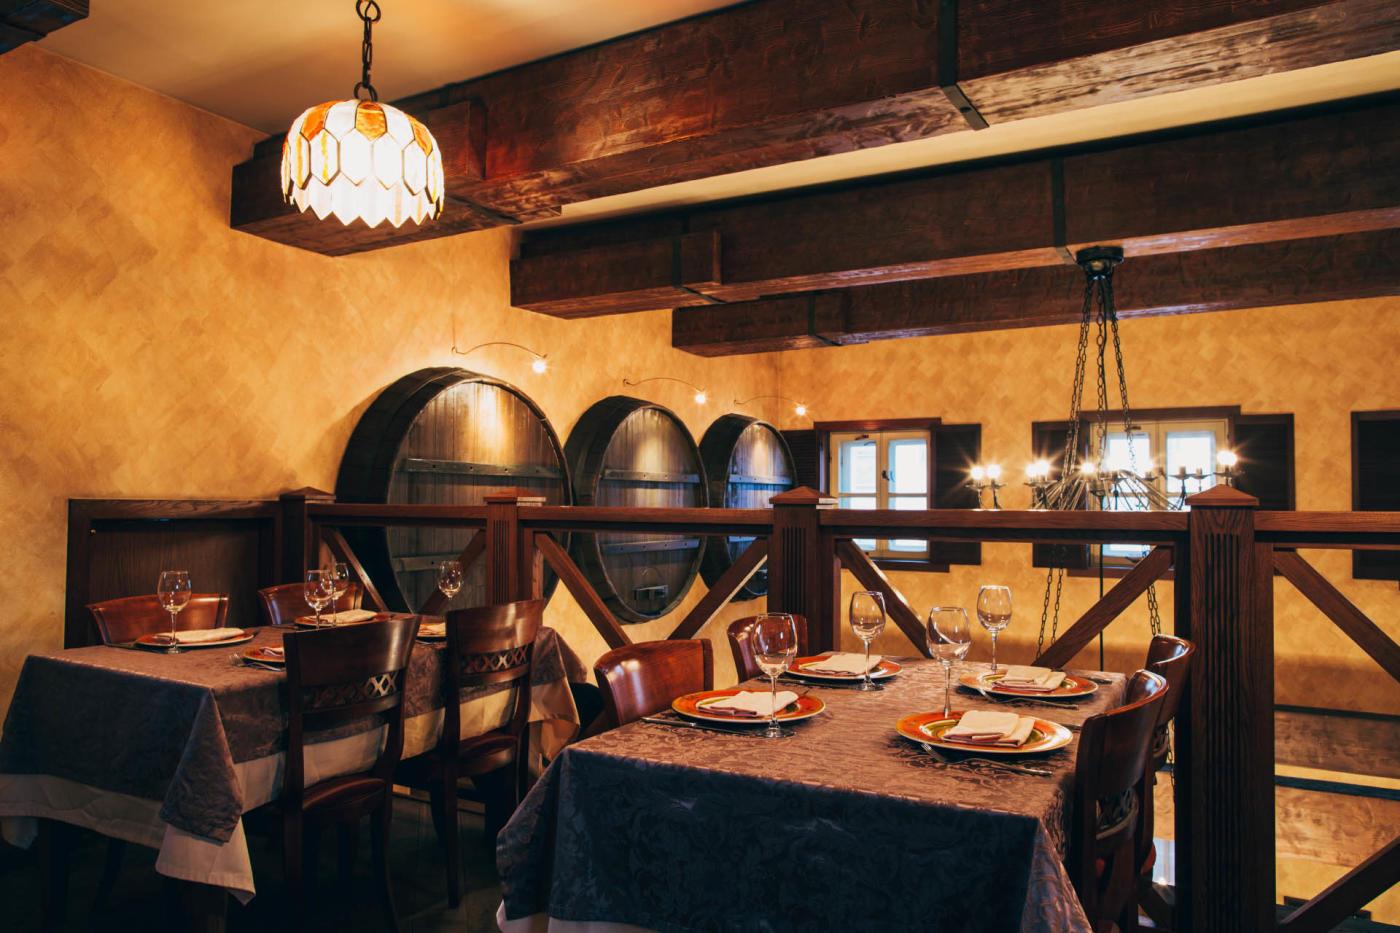 Ресторан El Asador (Эль Асадор) фото 9